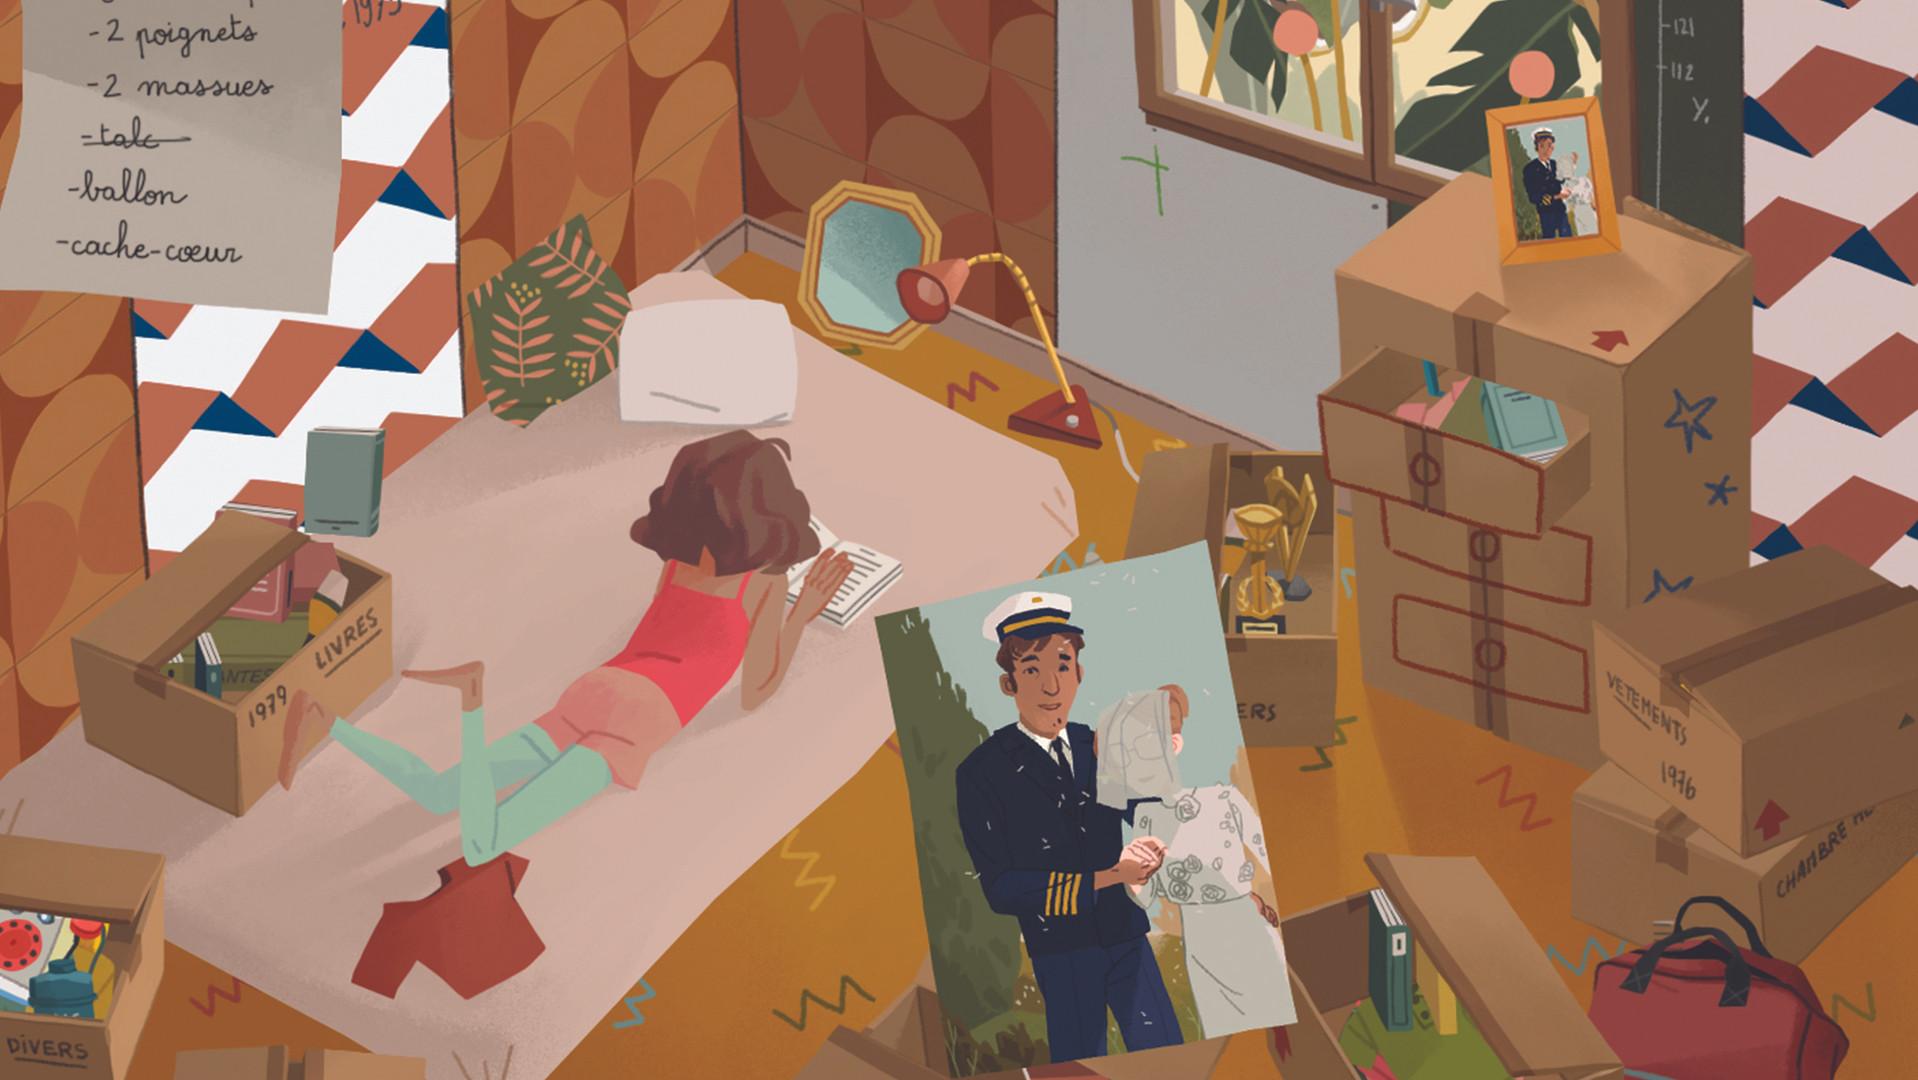 looK INside jeu vidéo unexpected page scène